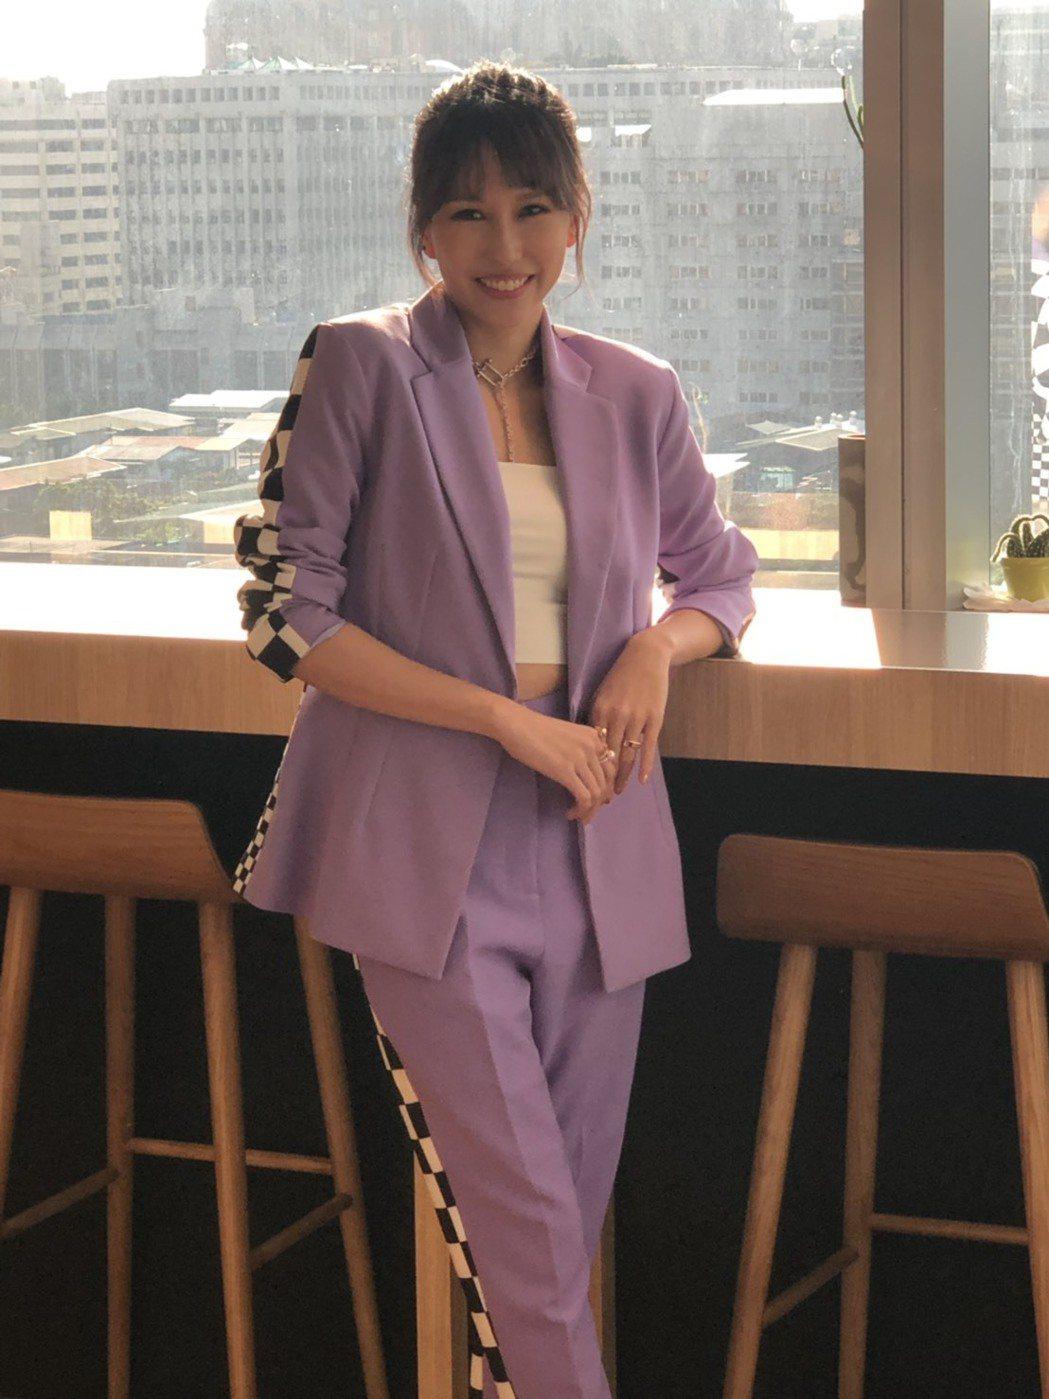 新加坡歌手潘嘉麗25日以新嫁娘身分和台灣媒體分享喜訊。記者許晉榮/攝影